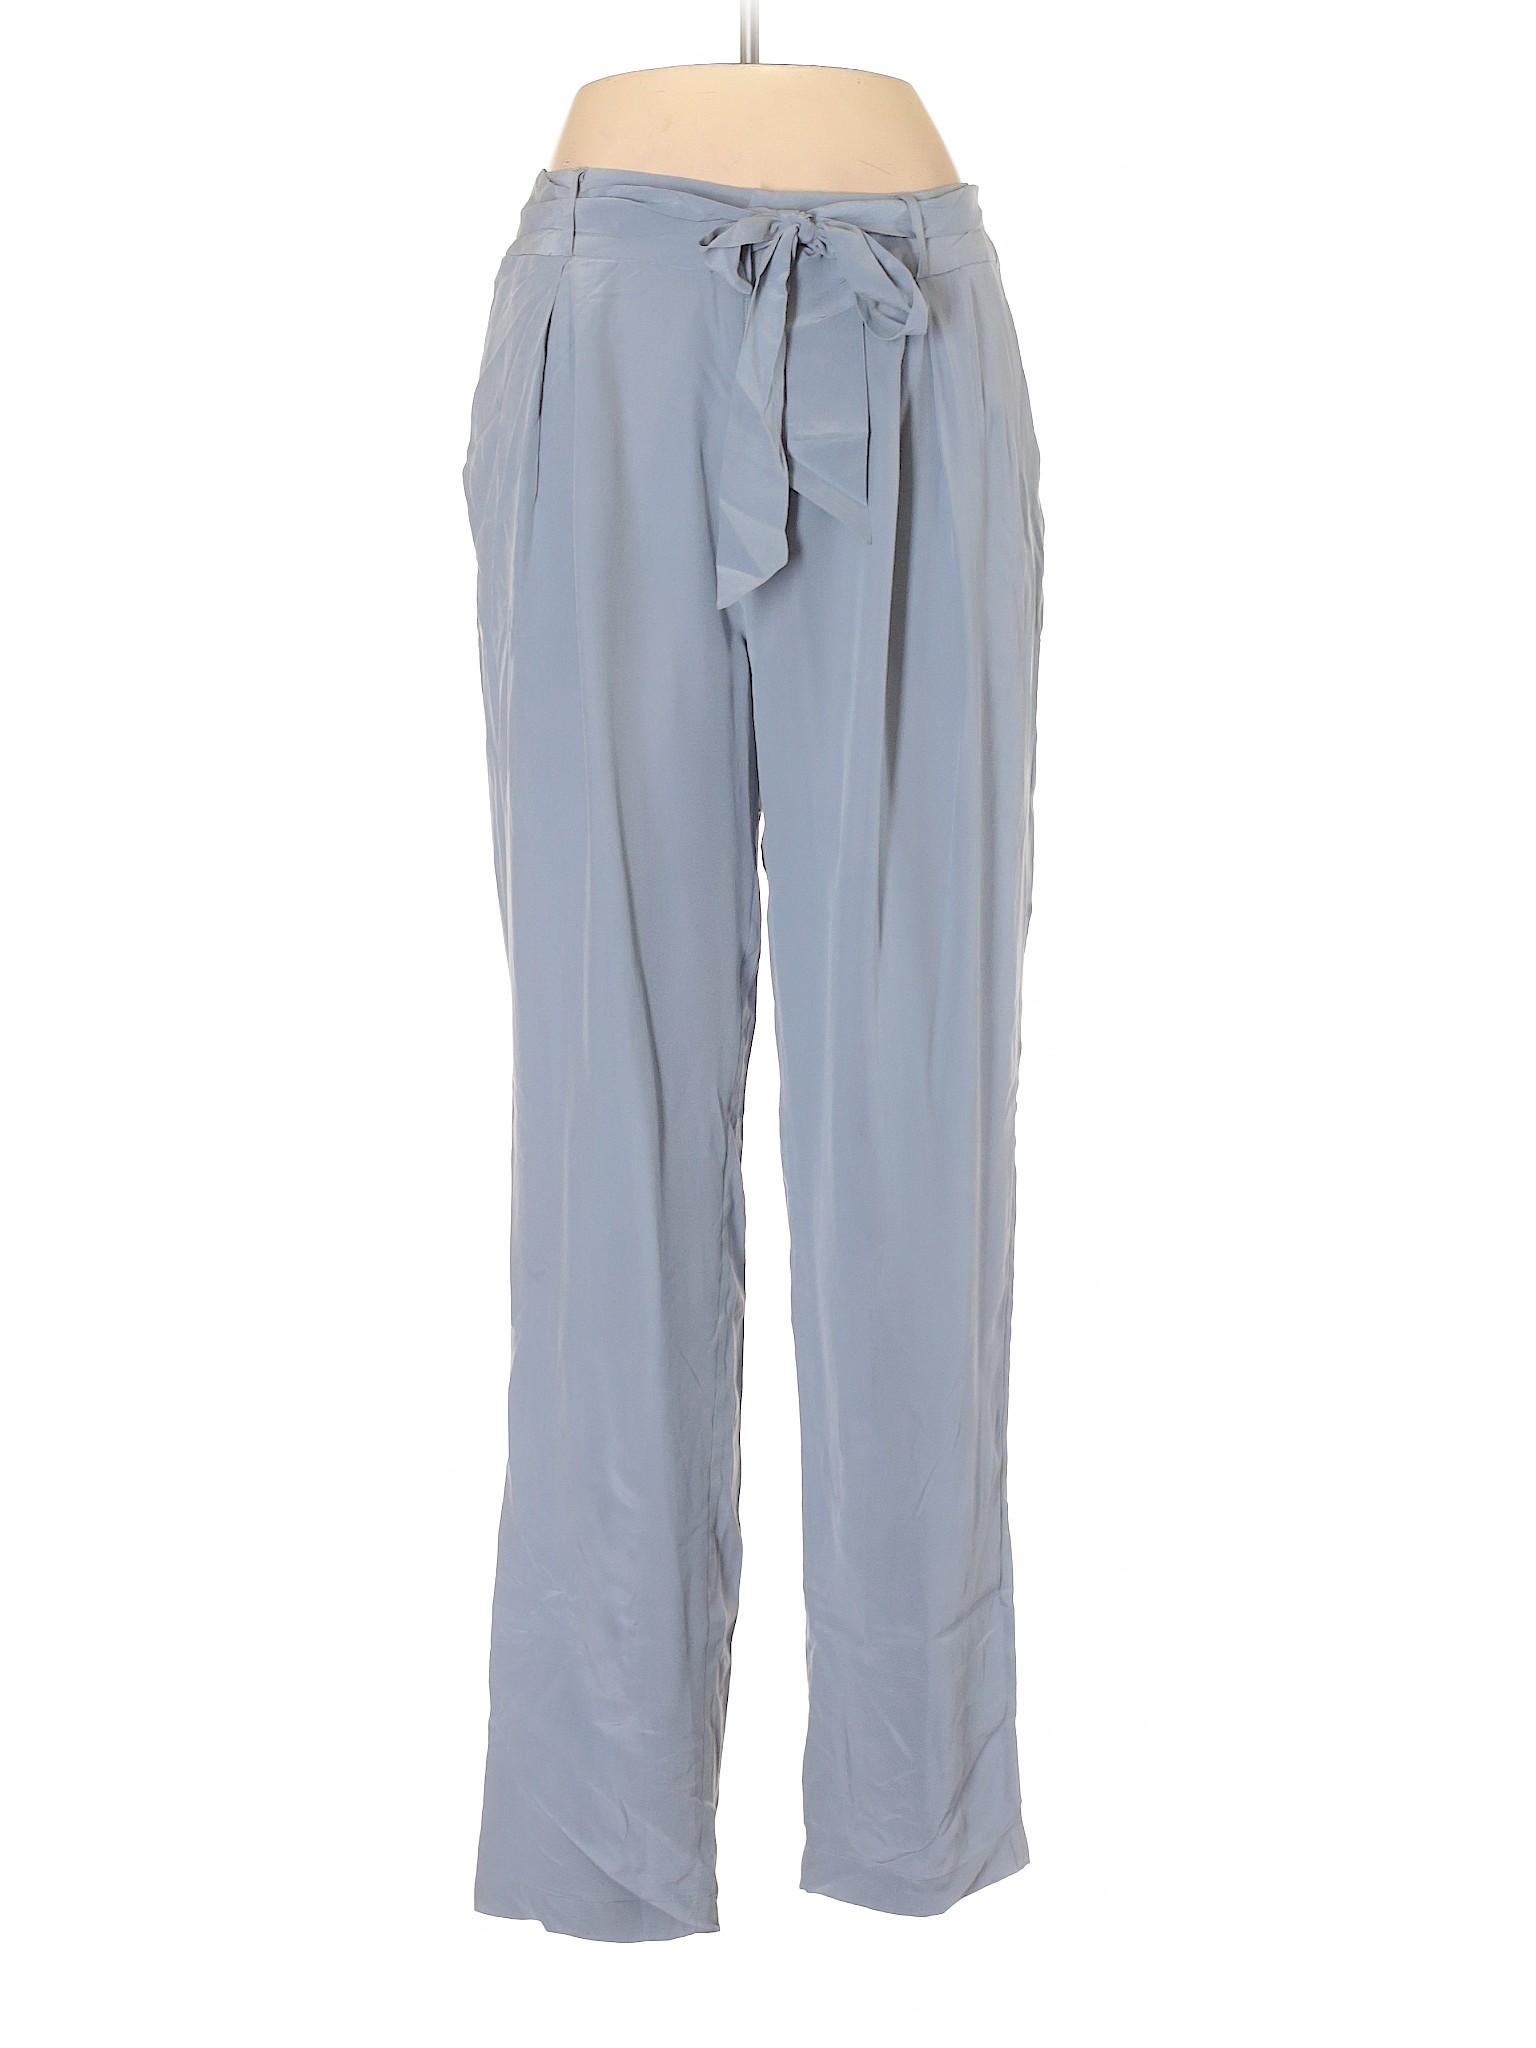 Joie Pants Boutique Silk Joie Silk winter Pants winter Boutique AA6P1YU